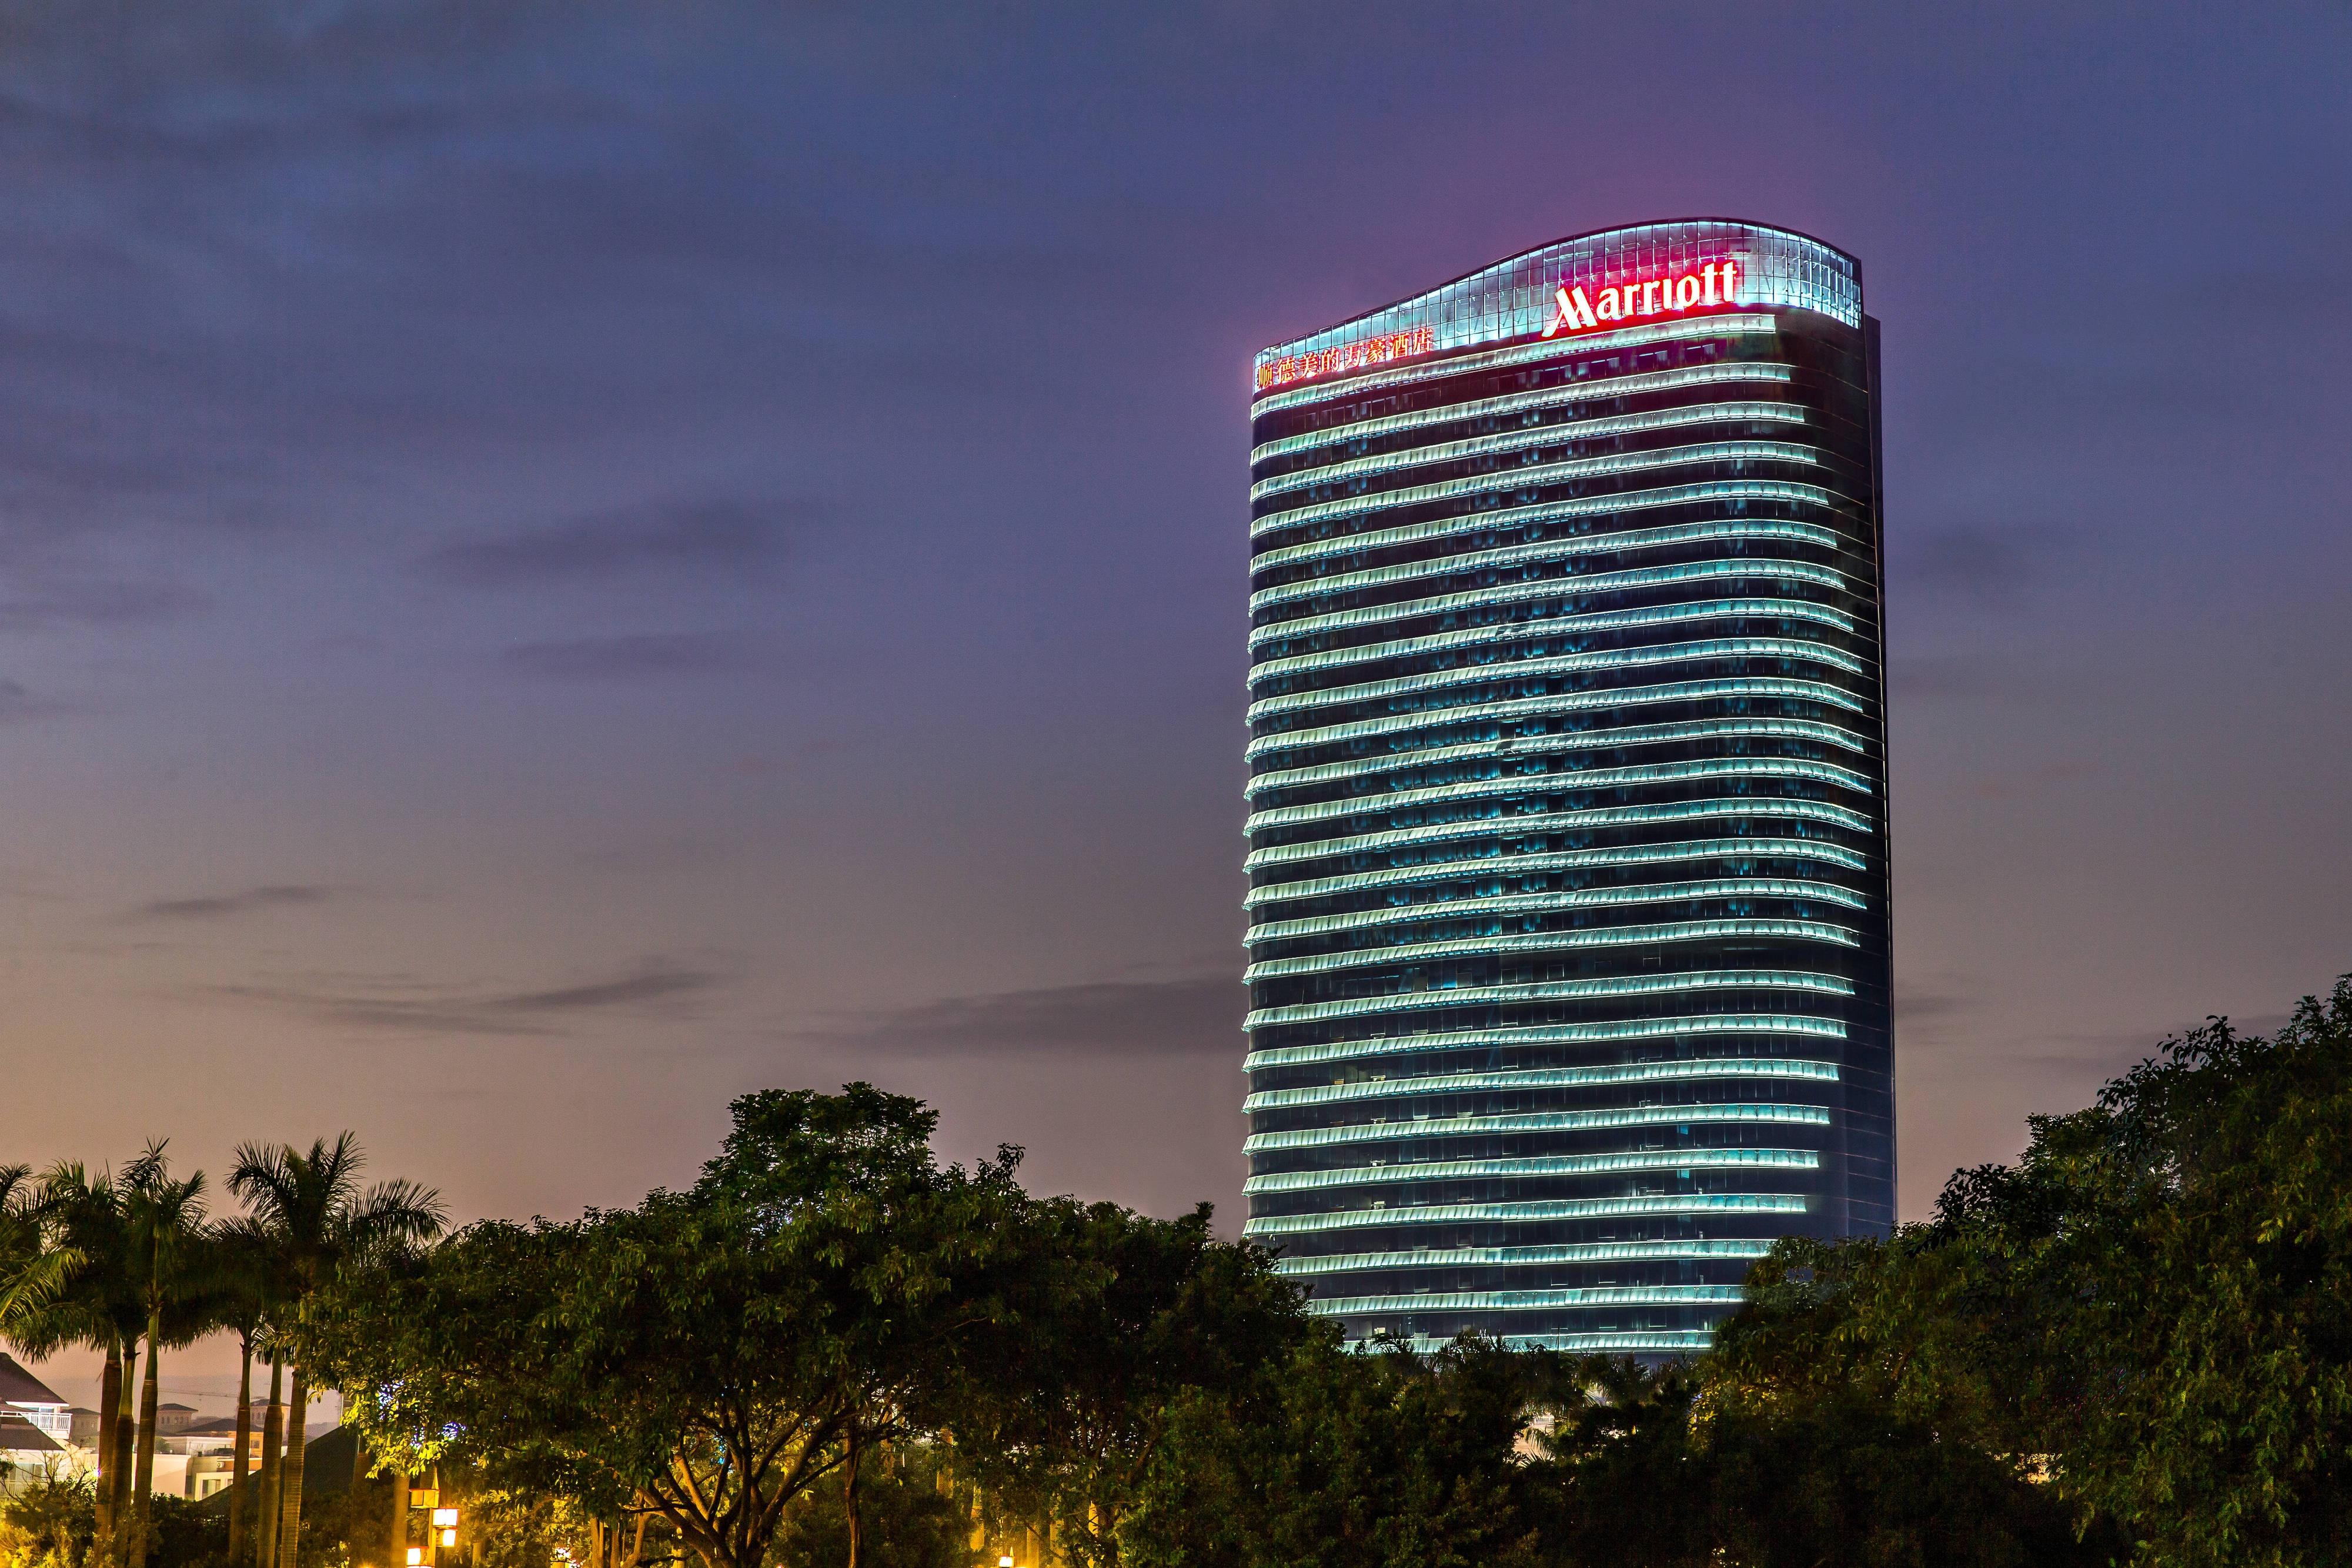 Shunde Marriott Hotel night exterior